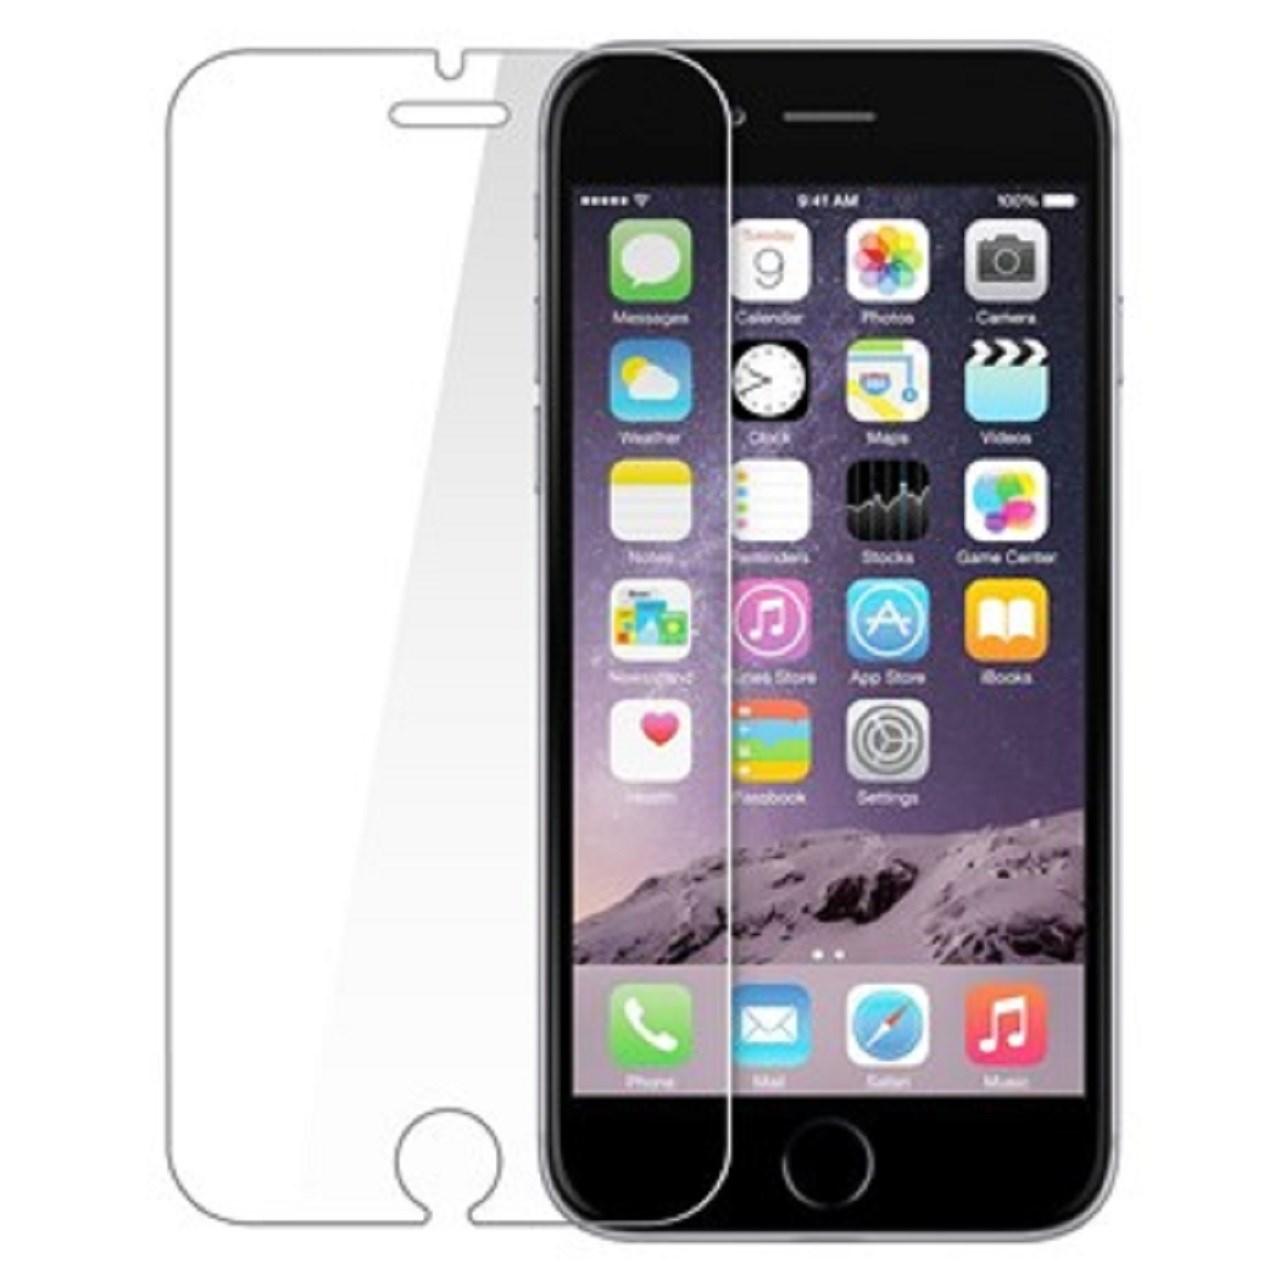 محافظ صفحه نمایش شیشه ای 9H مناسب برای گوشی موبایل اپل آیفون 6/6s